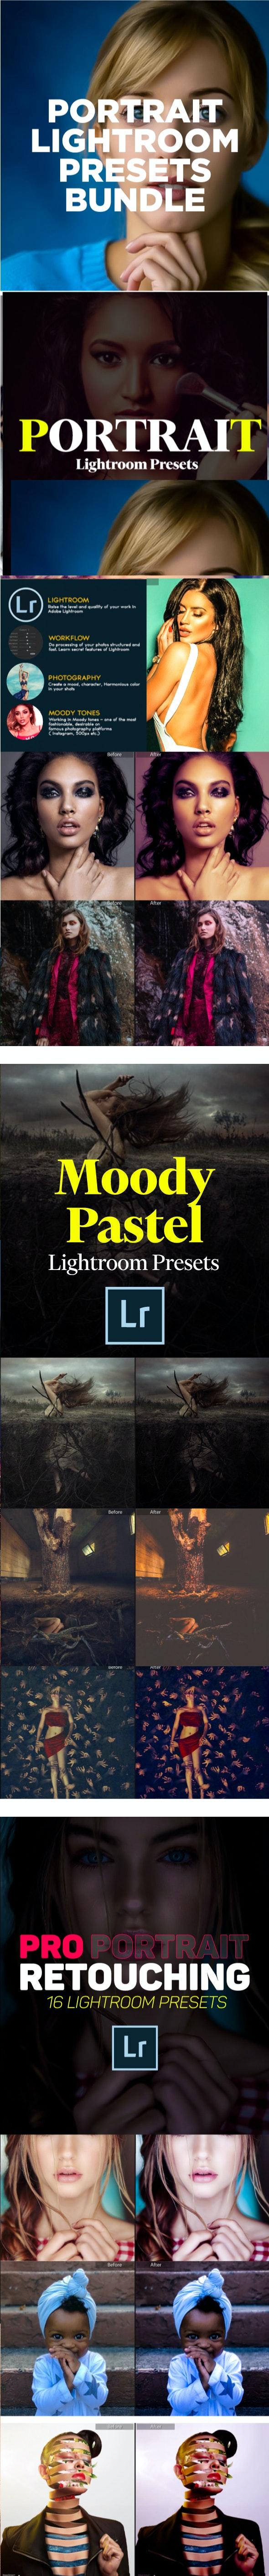 Portrait Lightroom Presets Bundle - Portrait Lightroom Presets